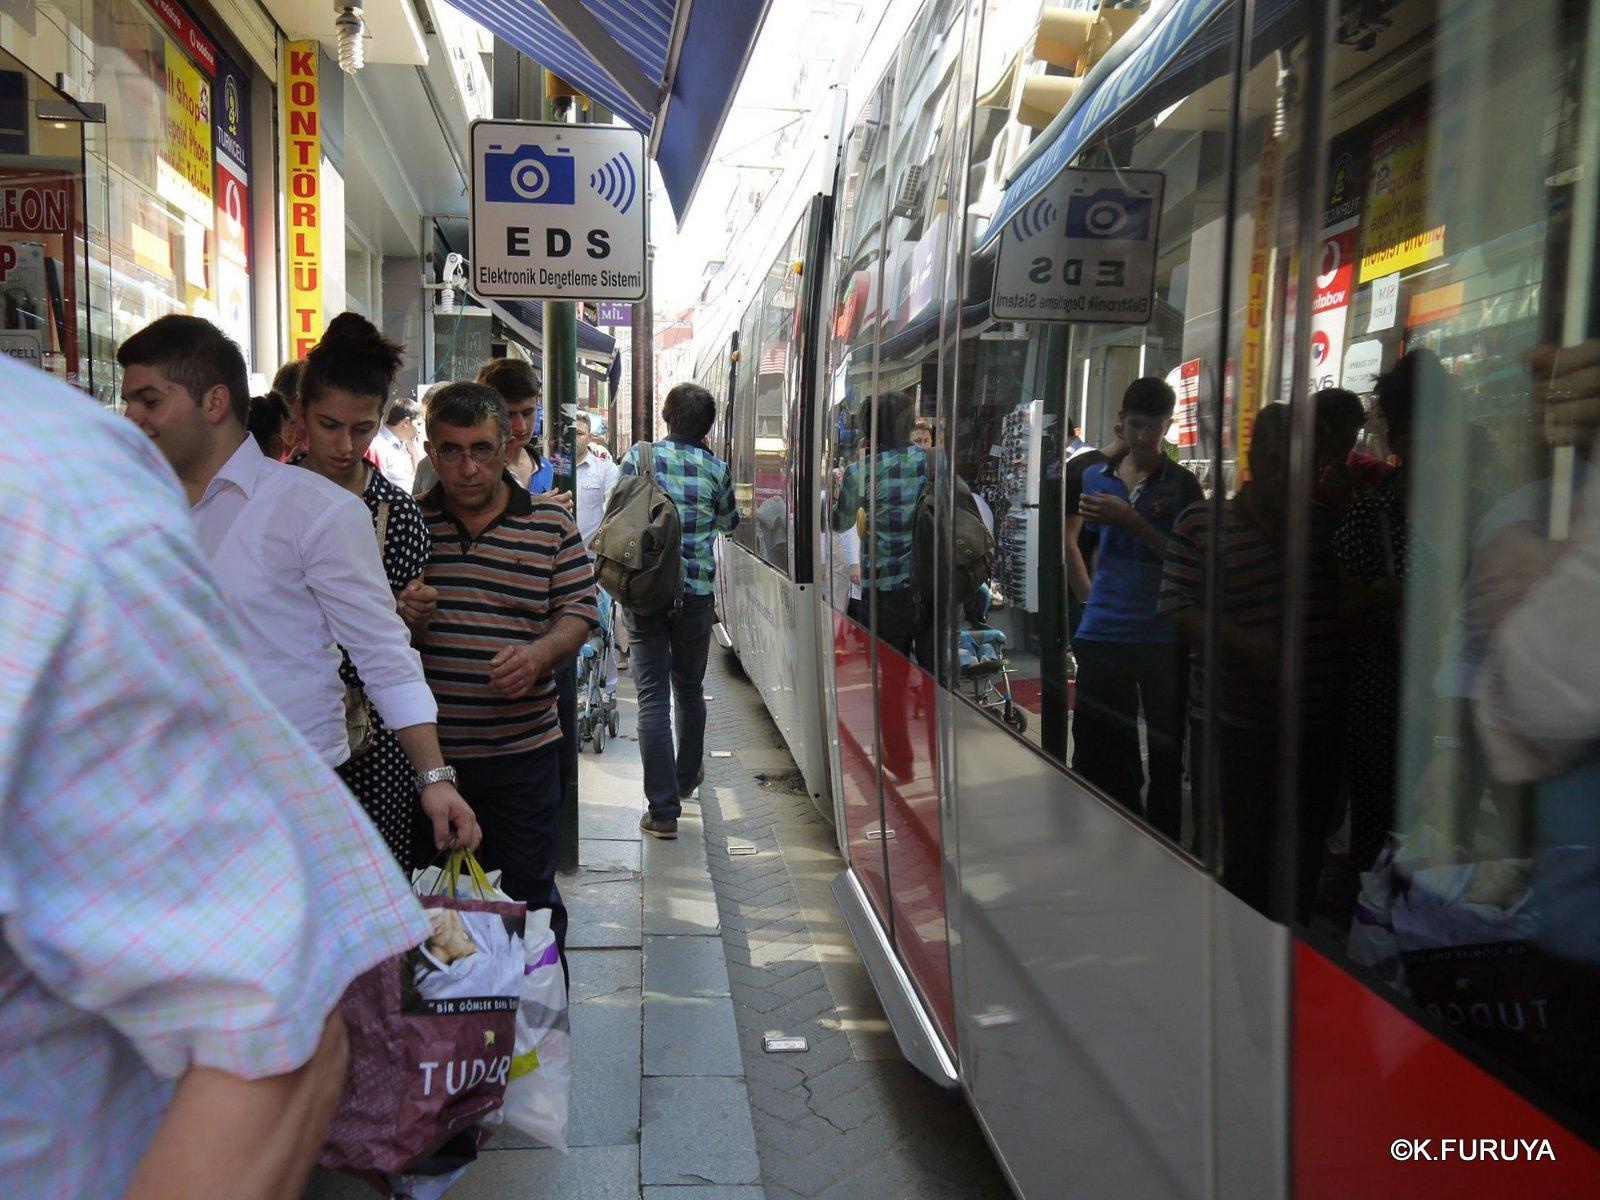 トルコ旅行記 38 イスタンブール旧市街その2_a0092659_19541255.jpg